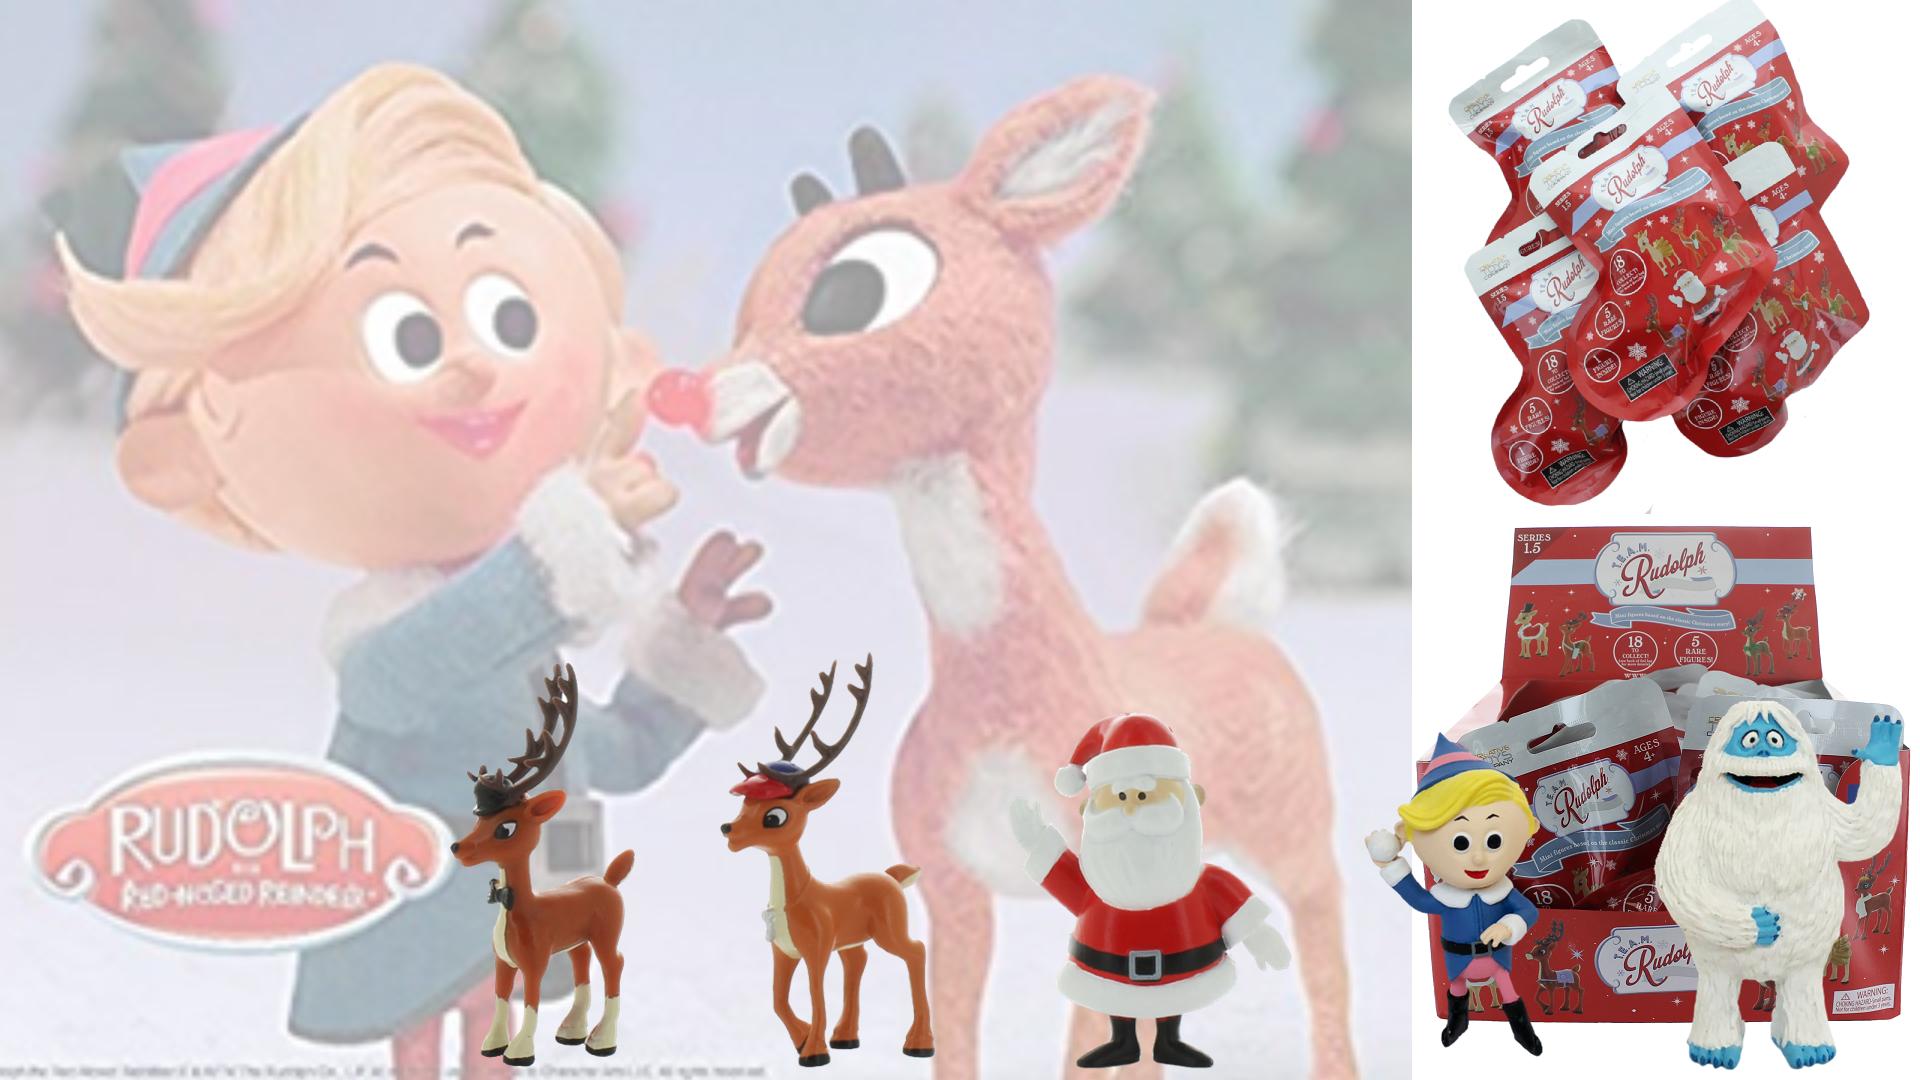 Continuum Games - CTC234708 - TEAM Rudolph Mini Figures